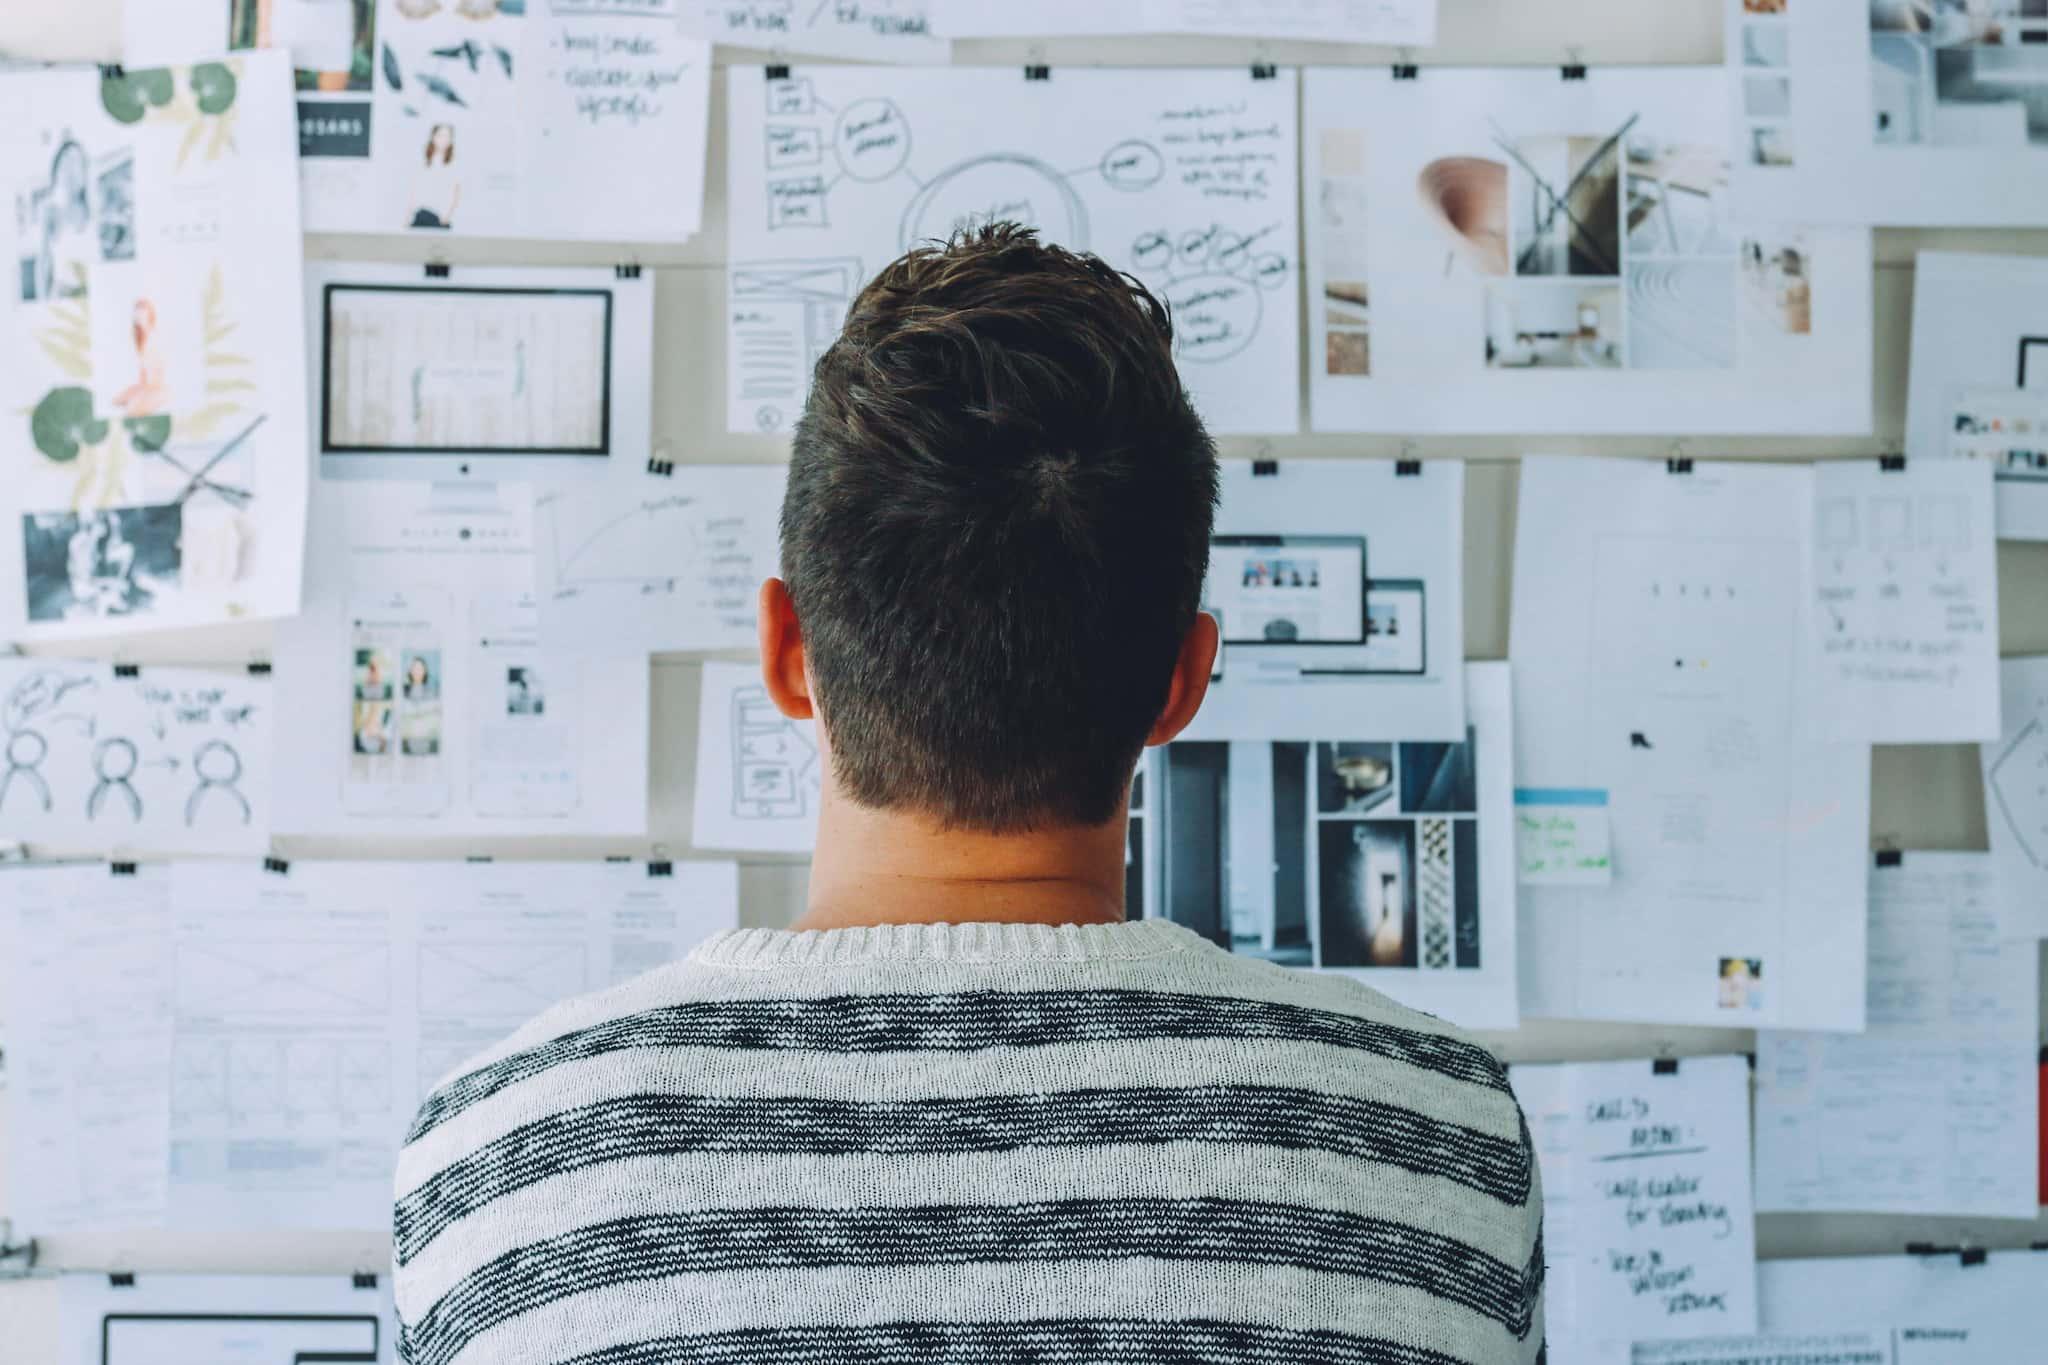 profissional busca serendipidade em seu ambiente de trabalho